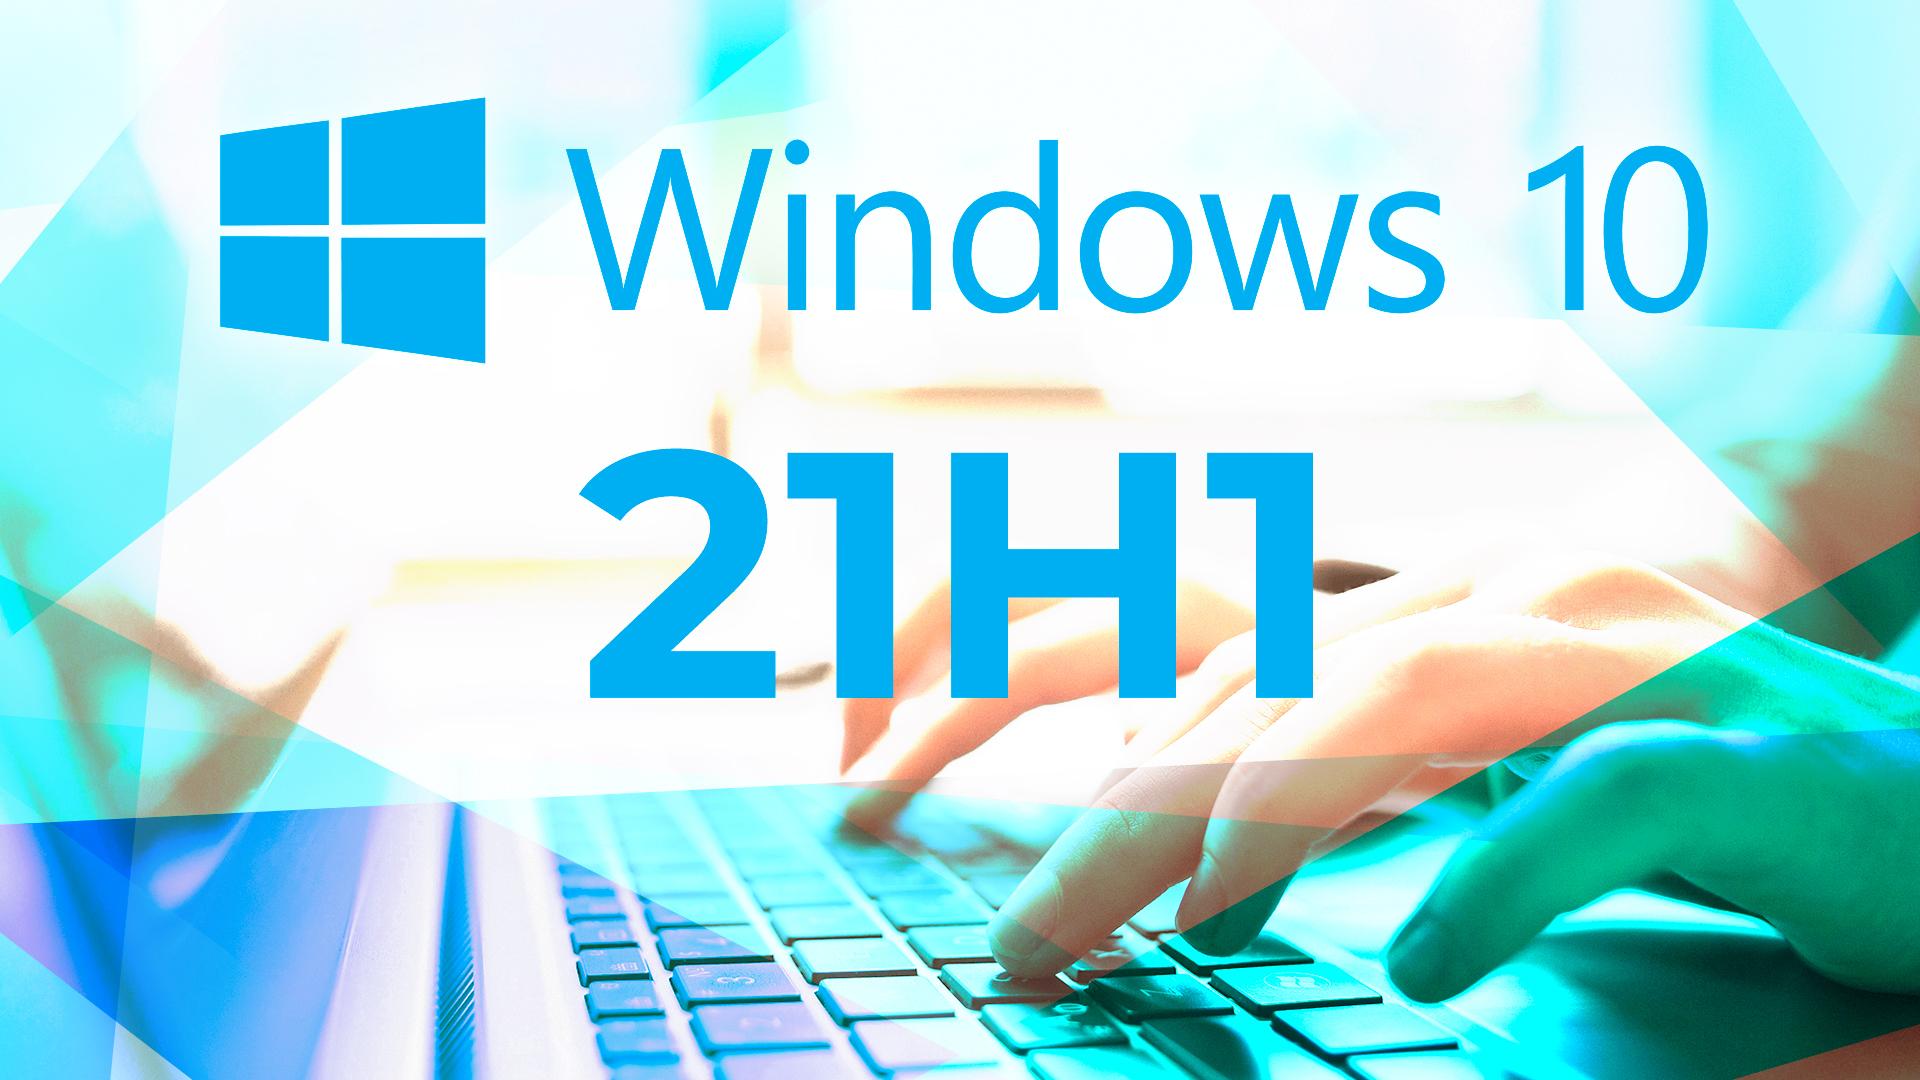 Windows 10, Laptop, Insider Preview, Windows Update, Microsoft Windows, Microsoft Windows 10, 21H1, Windows 10 21H1, Windows 10 2021 Update, Hände